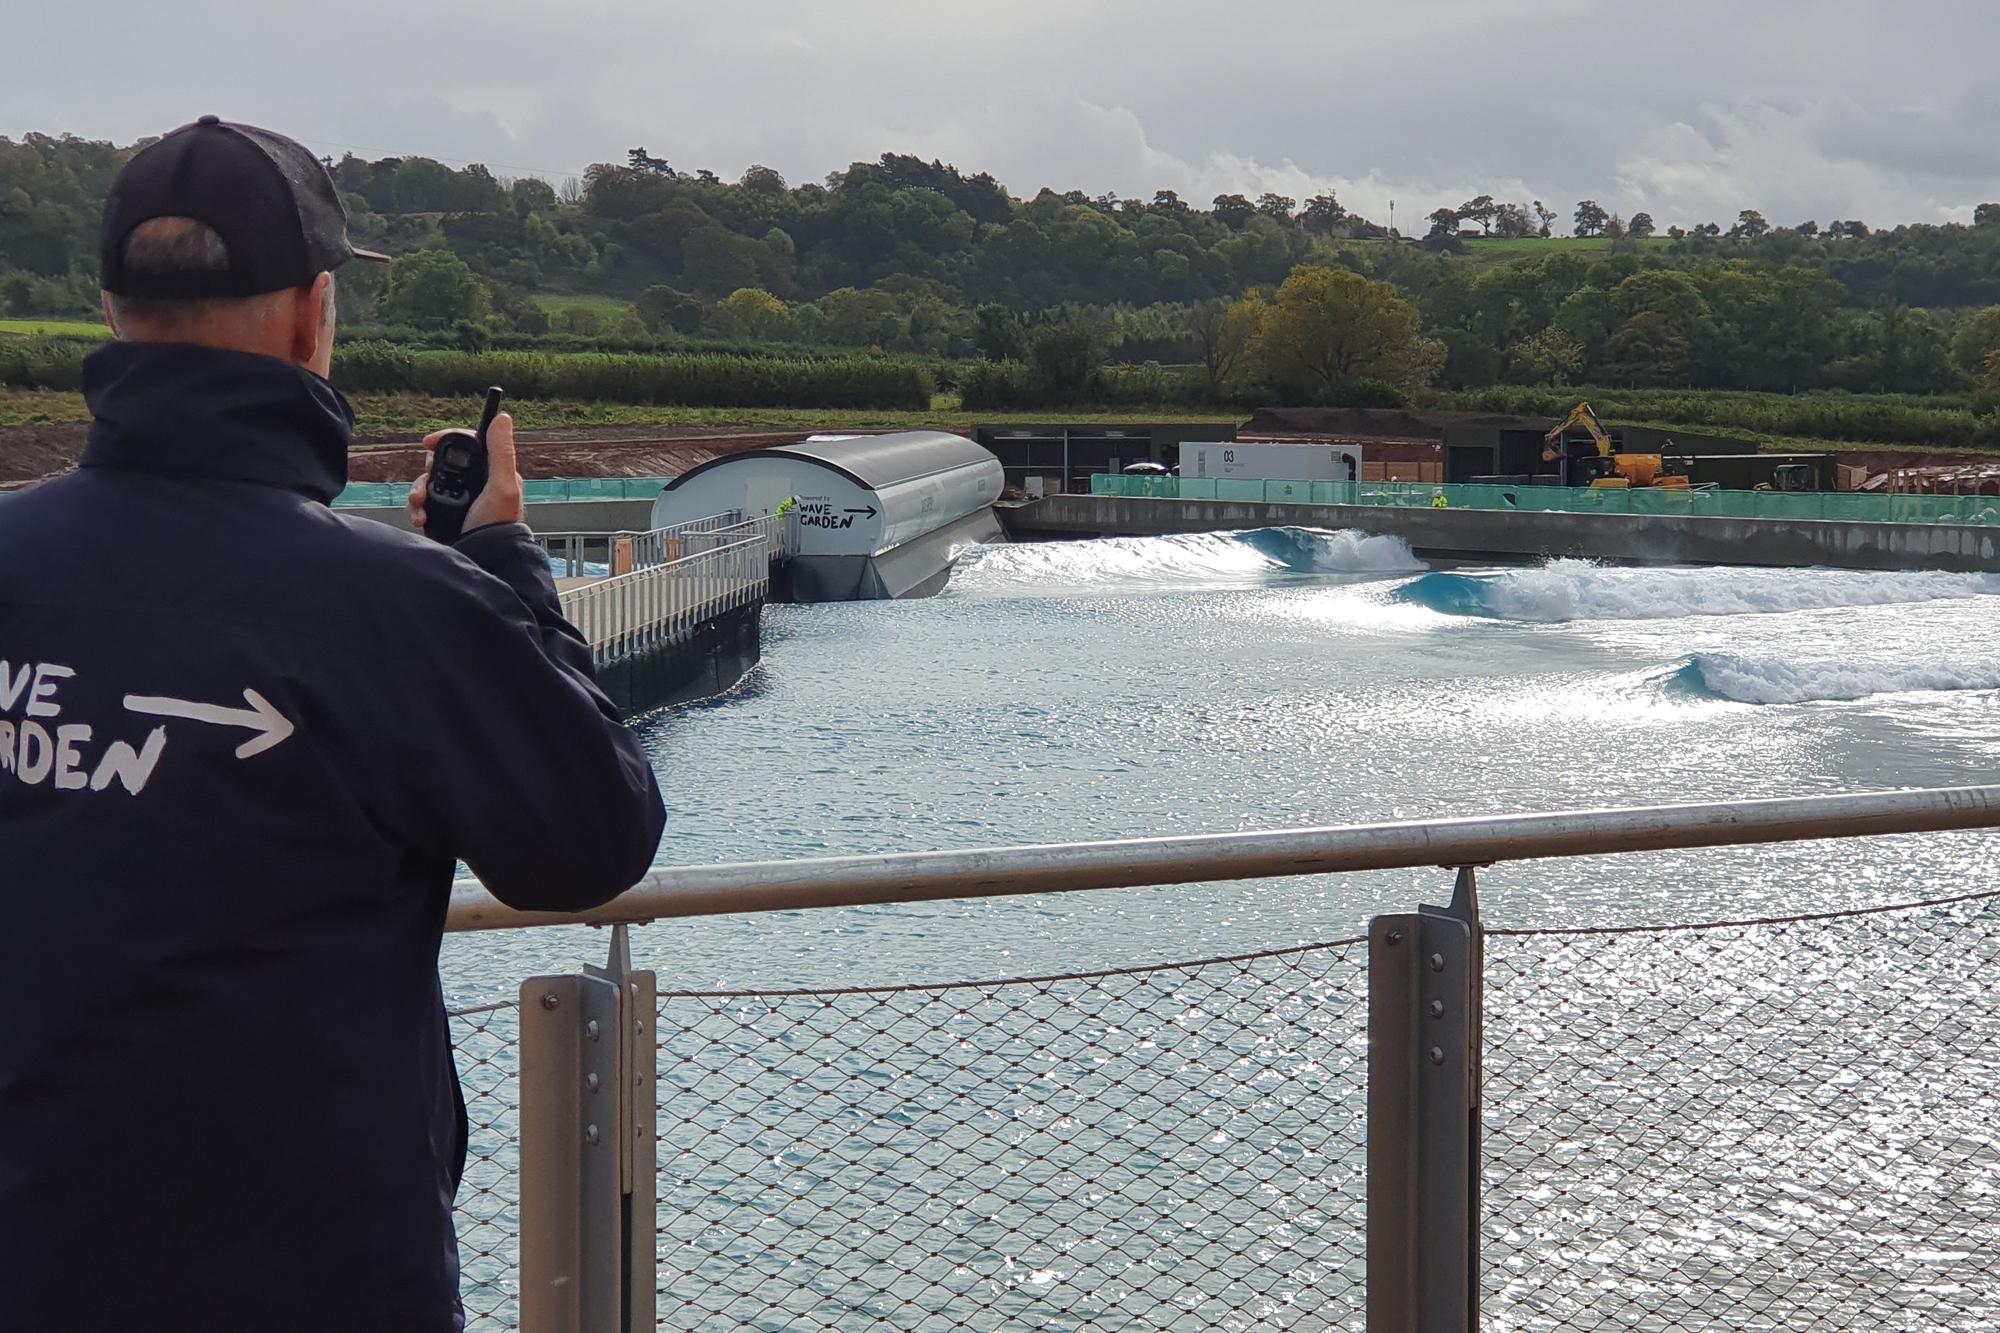 Asia Garten Ottobrunn Luxus First Waves Break at Bristol S Wavepool Surfline